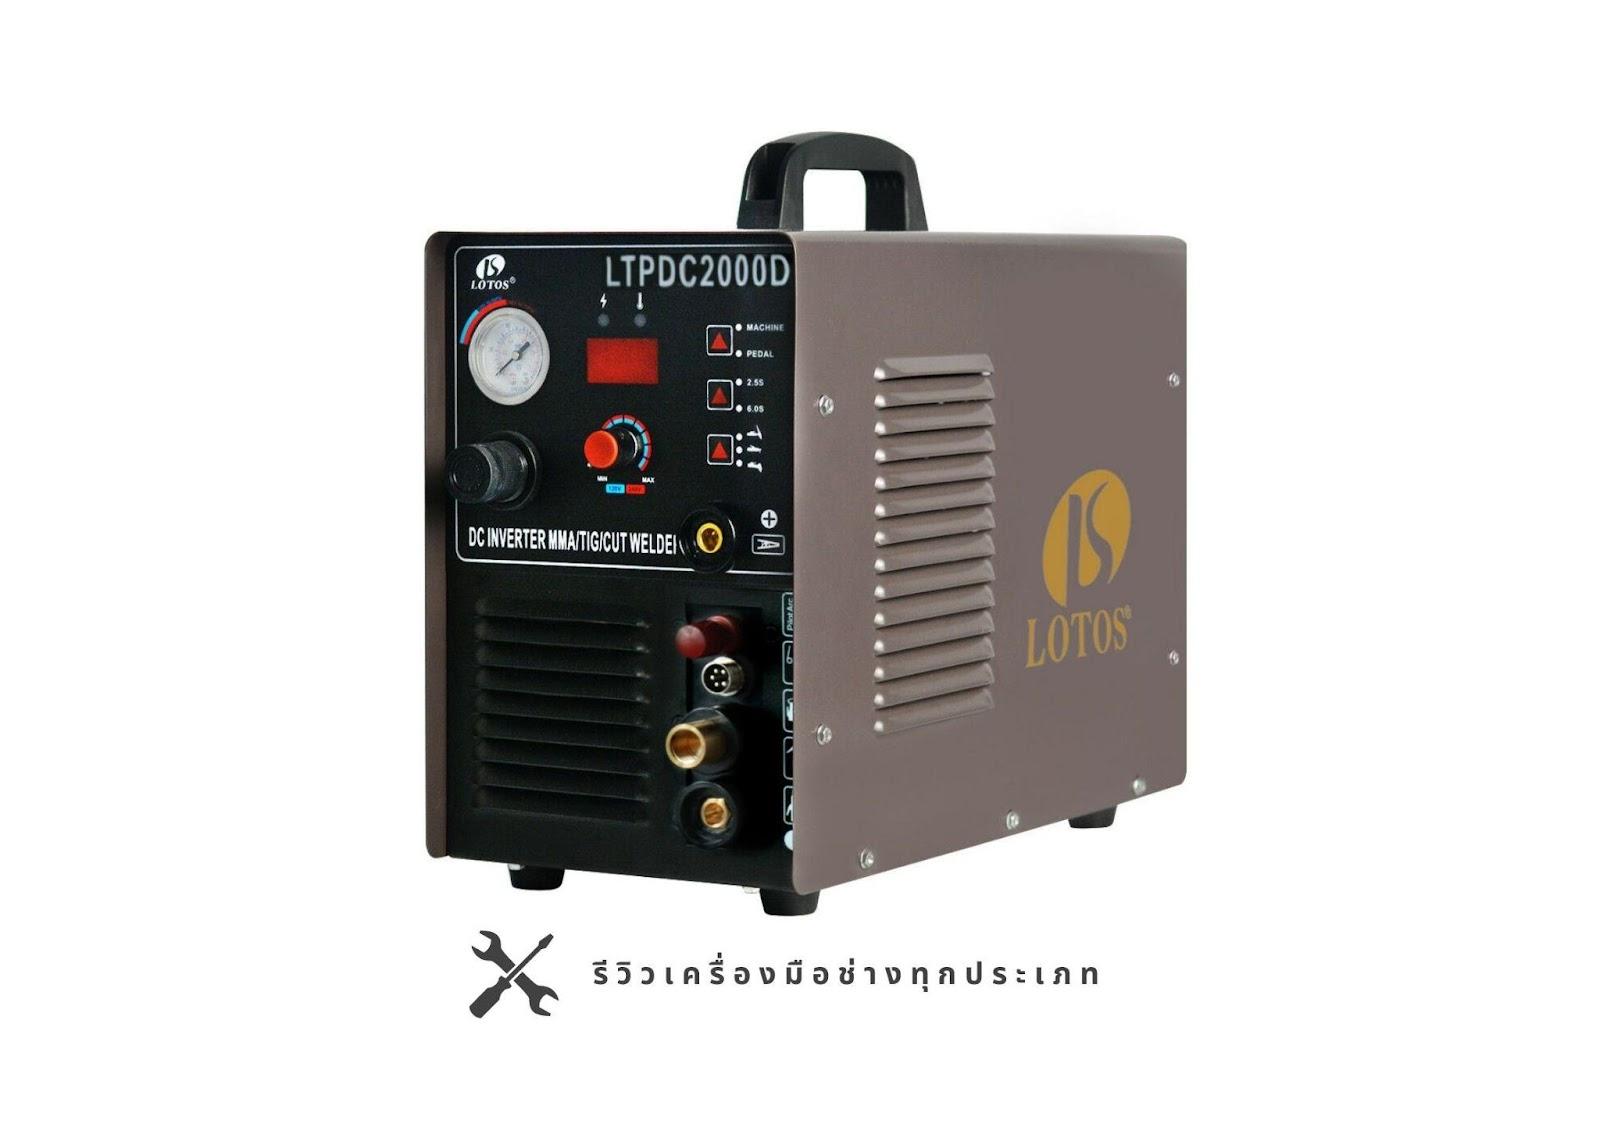 5. ตู้เชื่อม Lotos LTPDC2000D Plasma & TIG Welder